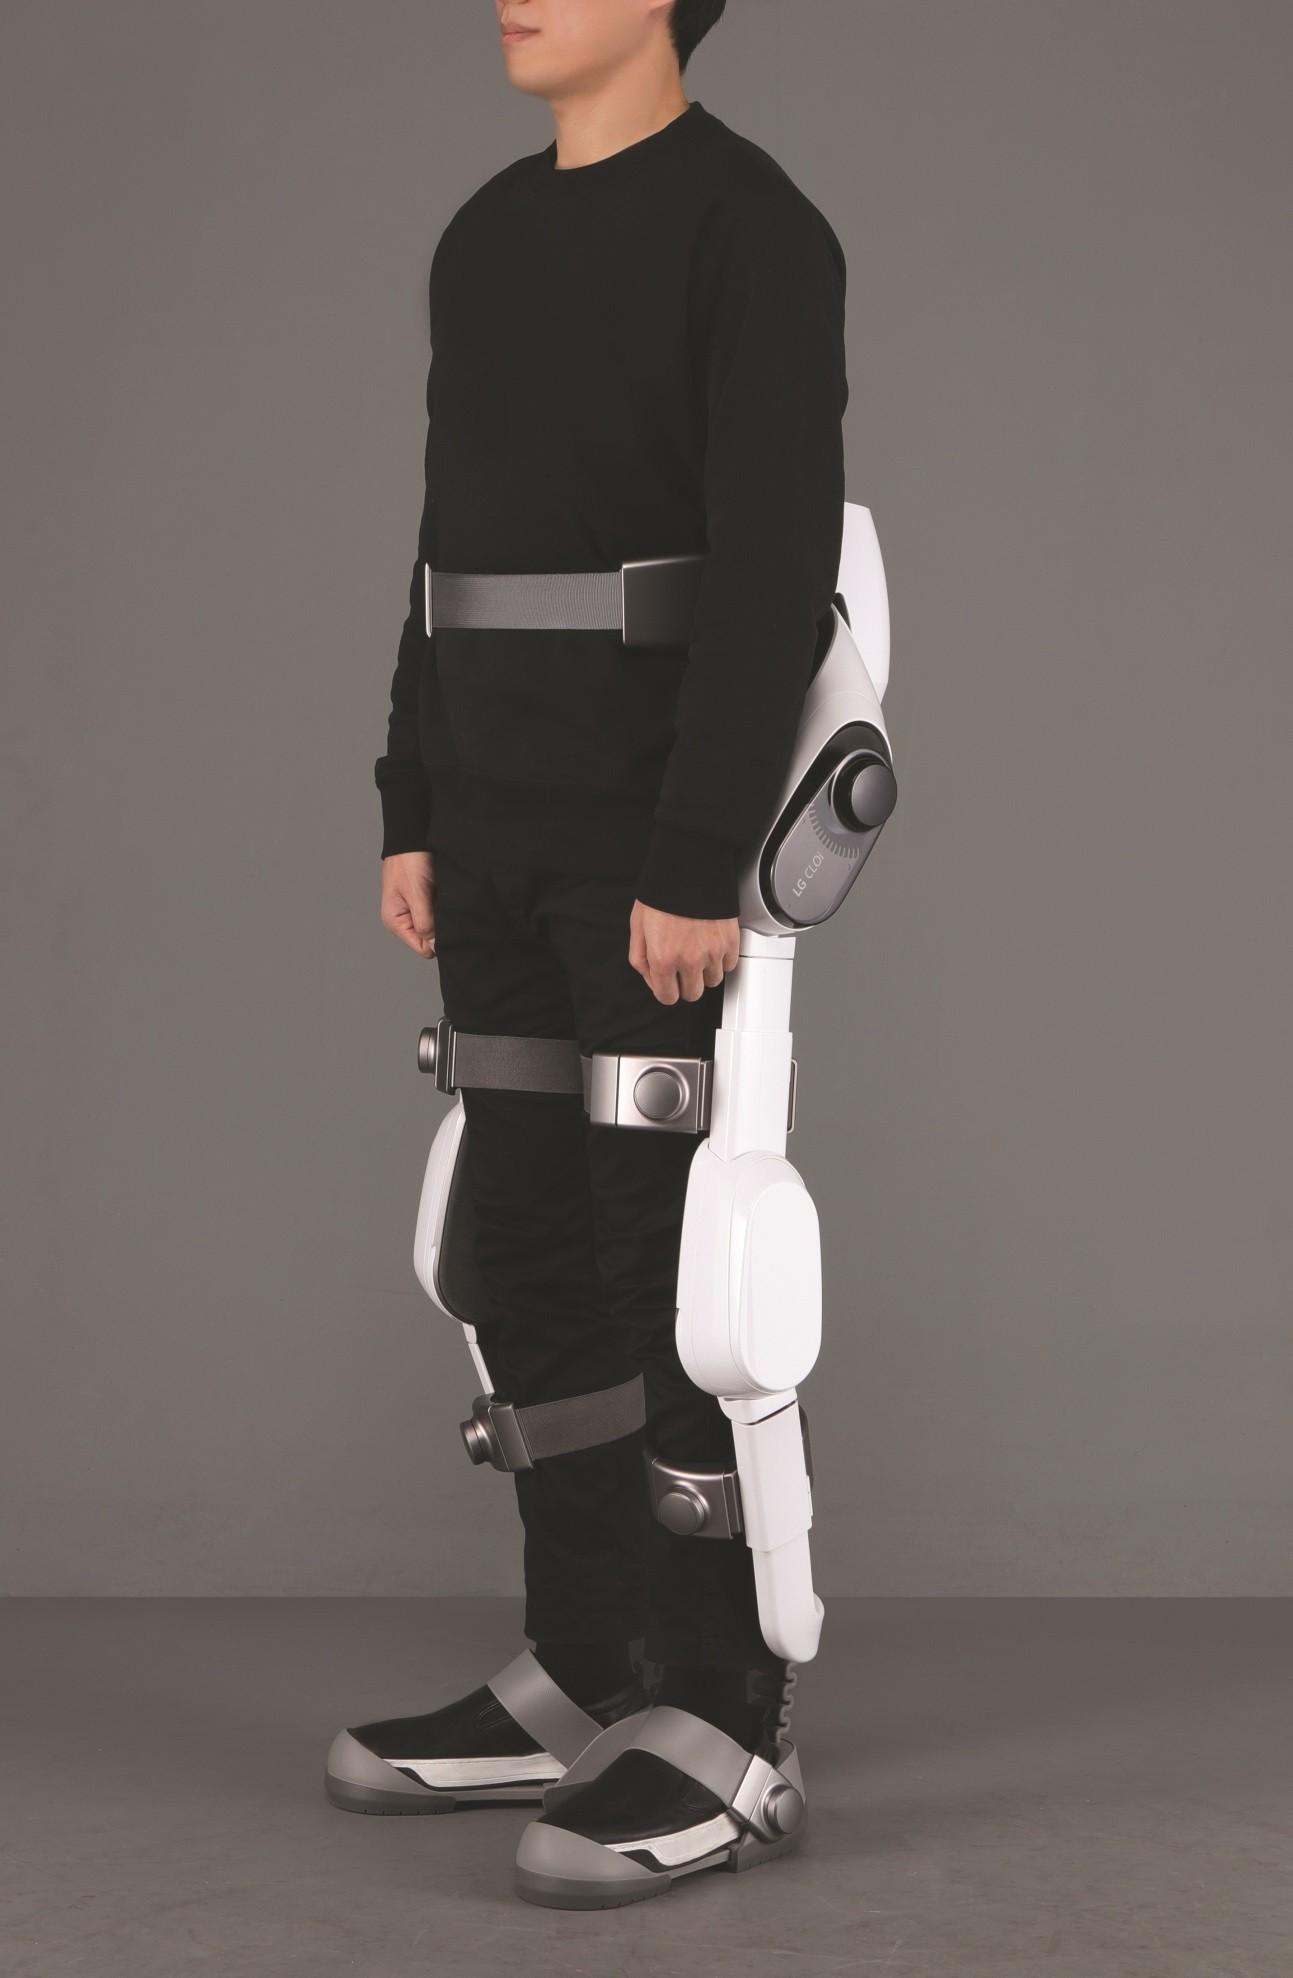 """Modernus dėvimas LG robotas """"CLOi SuitBot"""" – žingsnis į naują robotikos erą"""